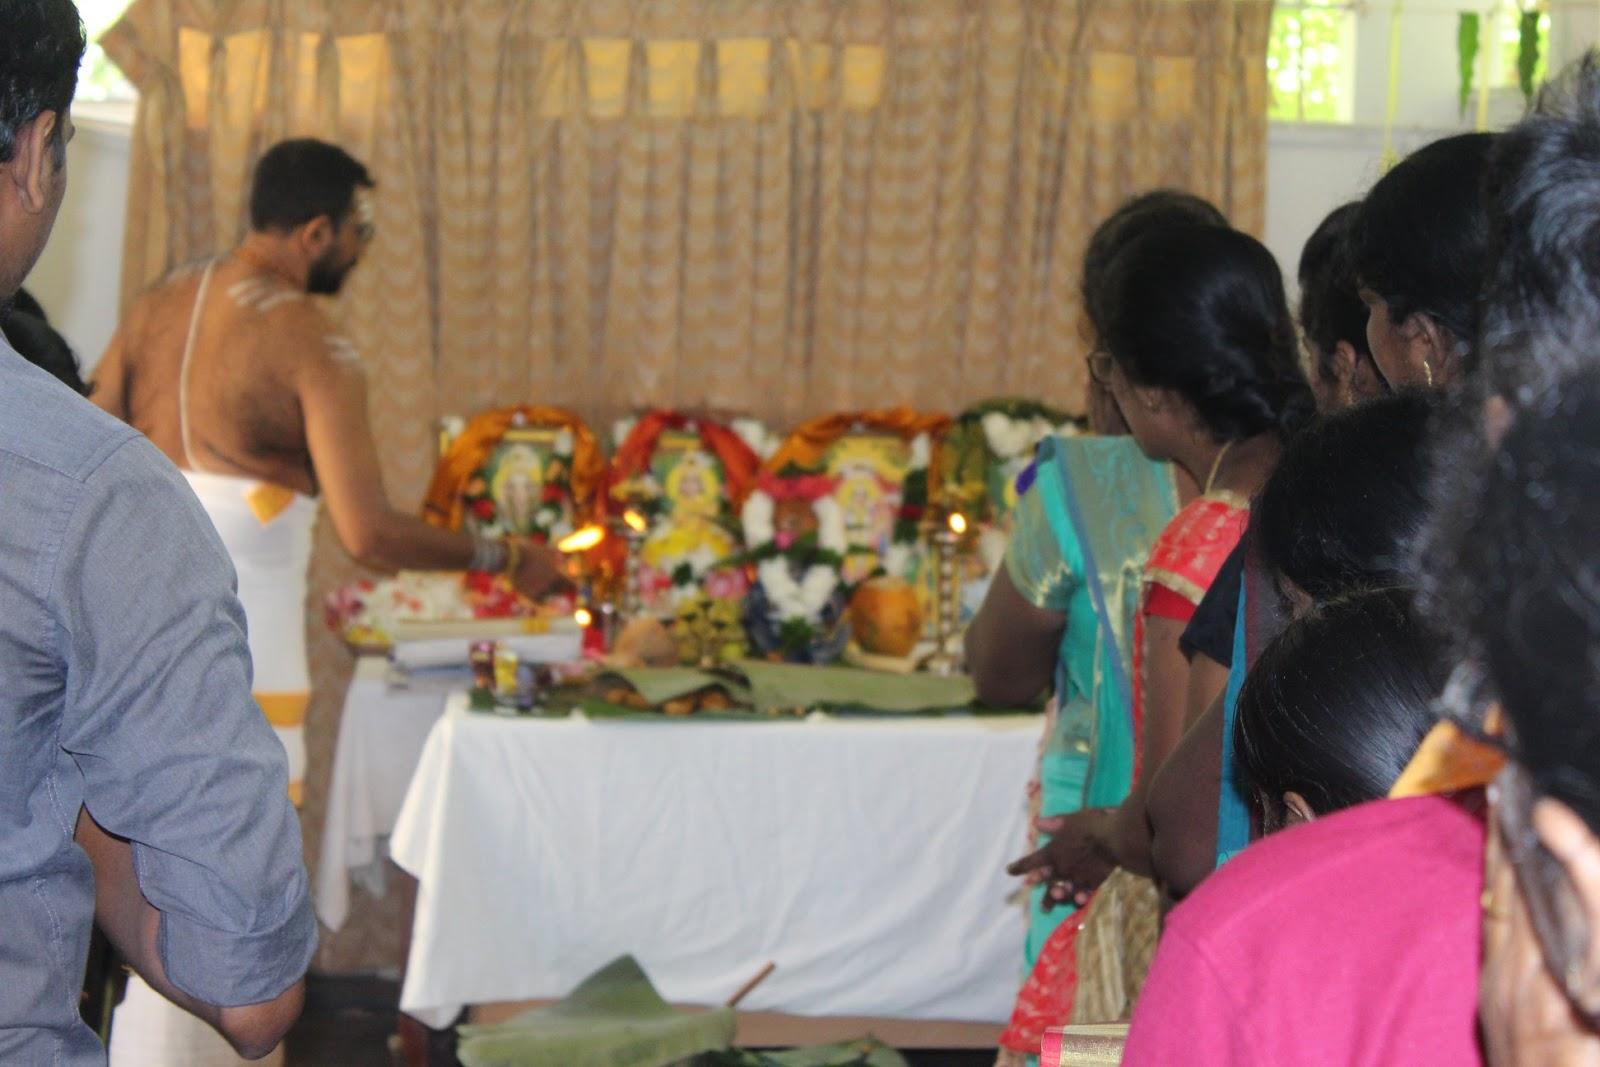 மகளிர் விவகார அமைச்சின் அலுவலகத்தில் இன்று இடம்பெற்ற நவராத்திரி விழா!